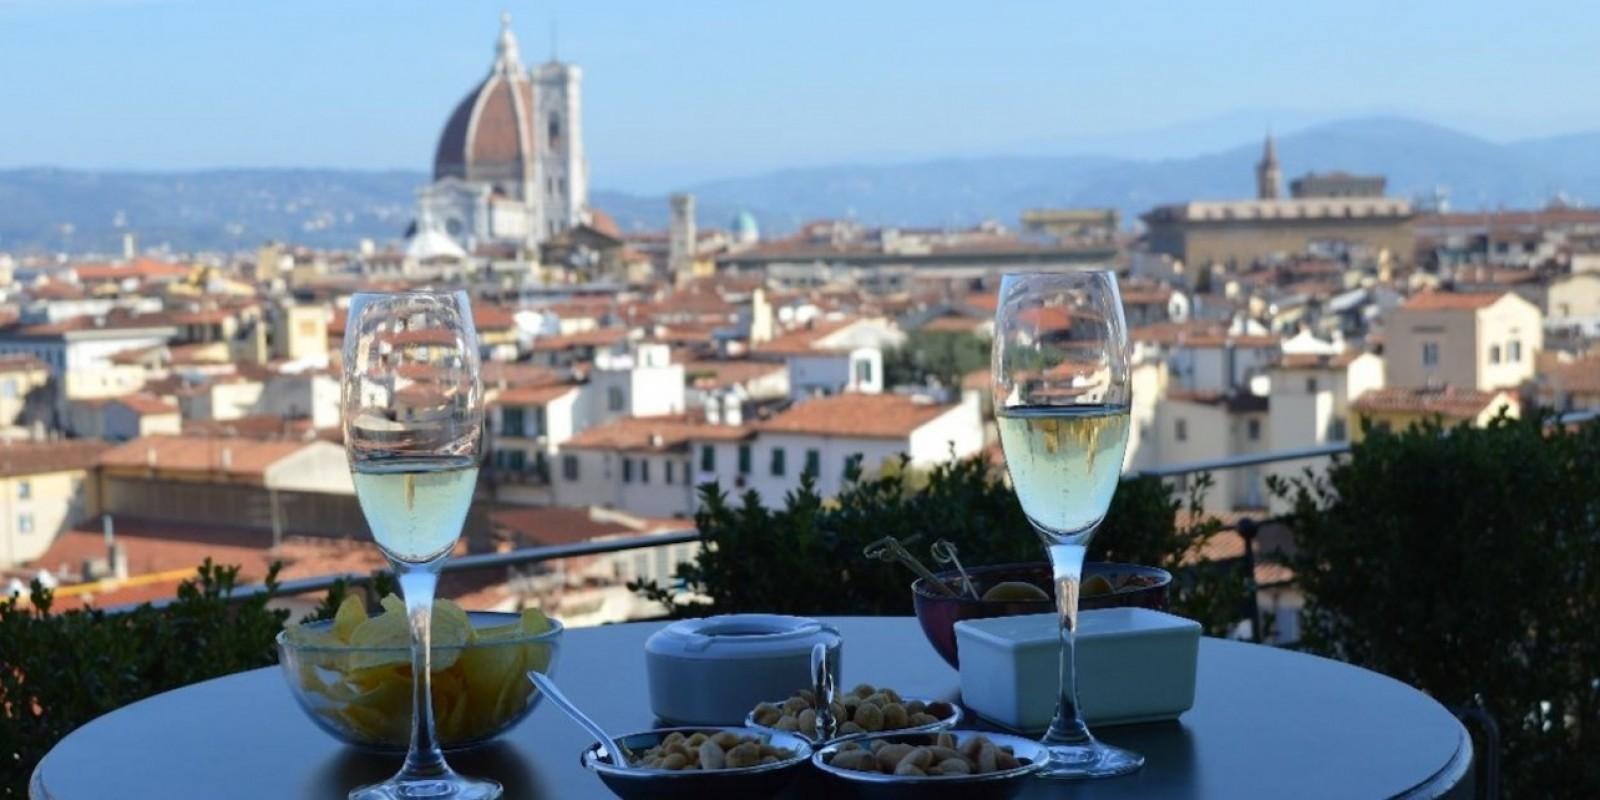 Le caffetterie dei musei di Firenze, qui la colazione e l\'aperitivo ...